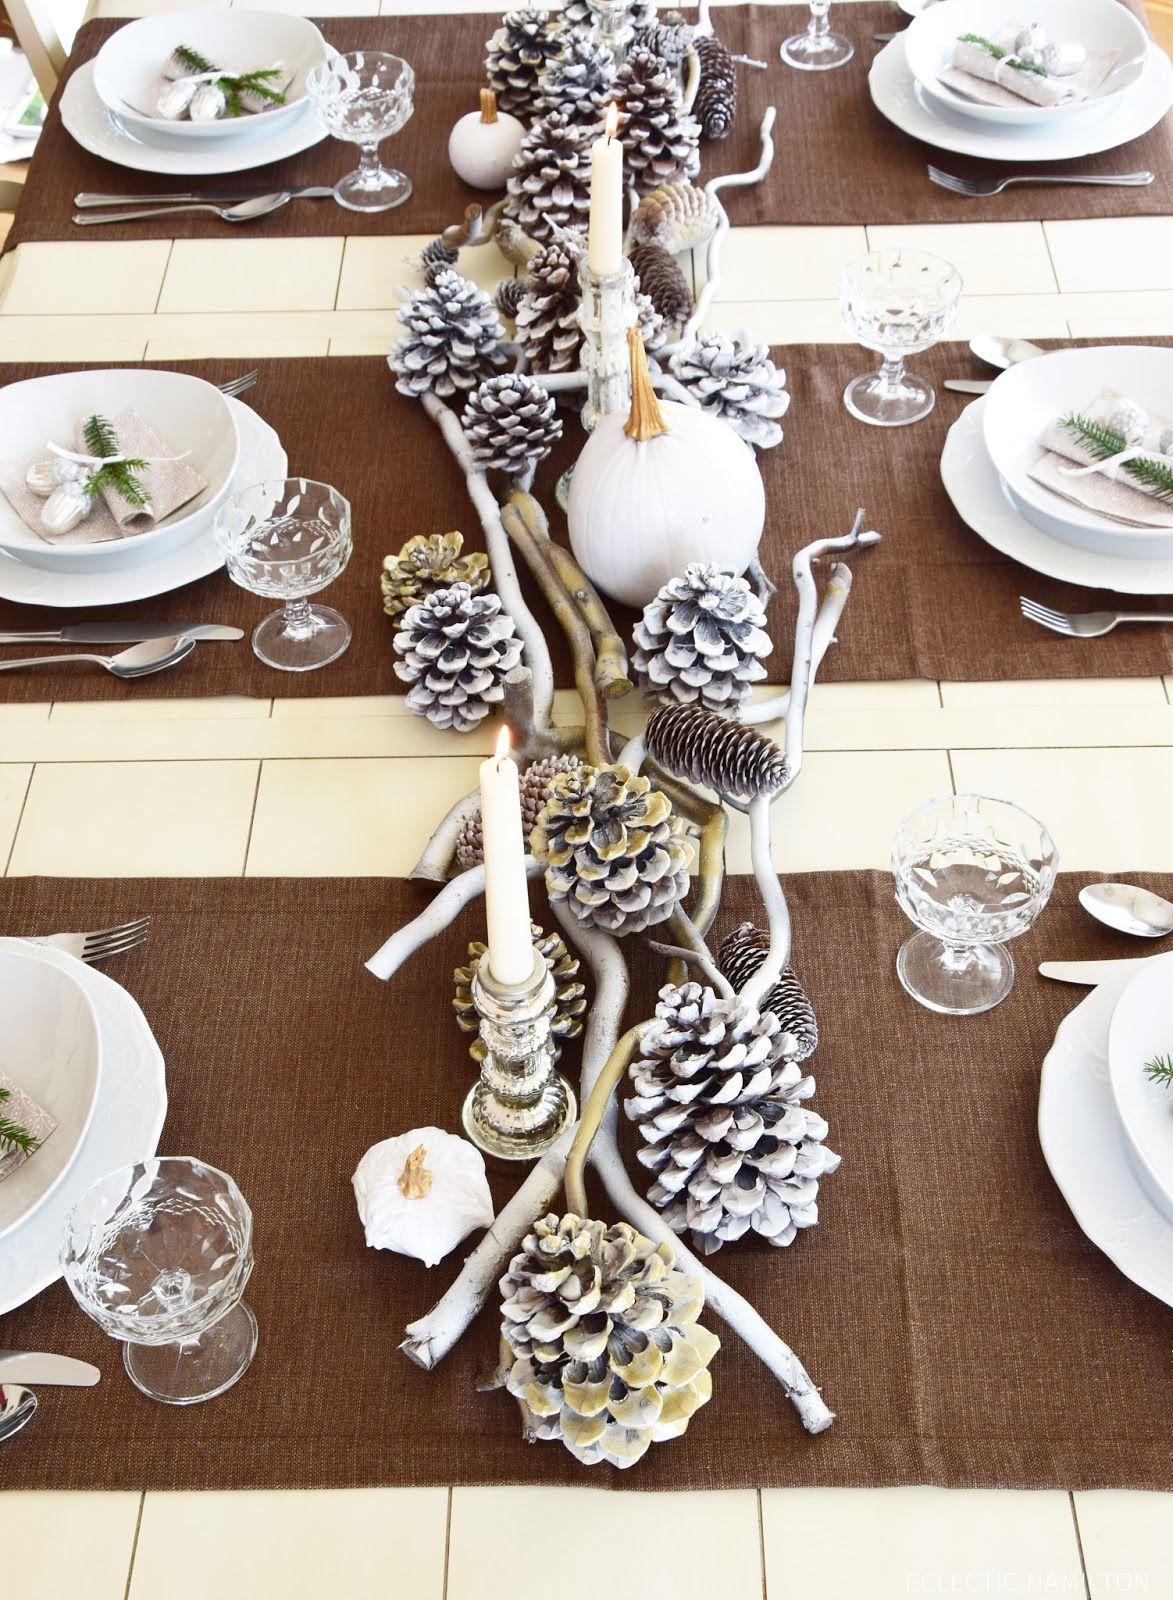 tischdeko f r winter und weihnachten mit natur dekoidee naturmaterialien k rbis zapfen ste. Black Bedroom Furniture Sets. Home Design Ideas